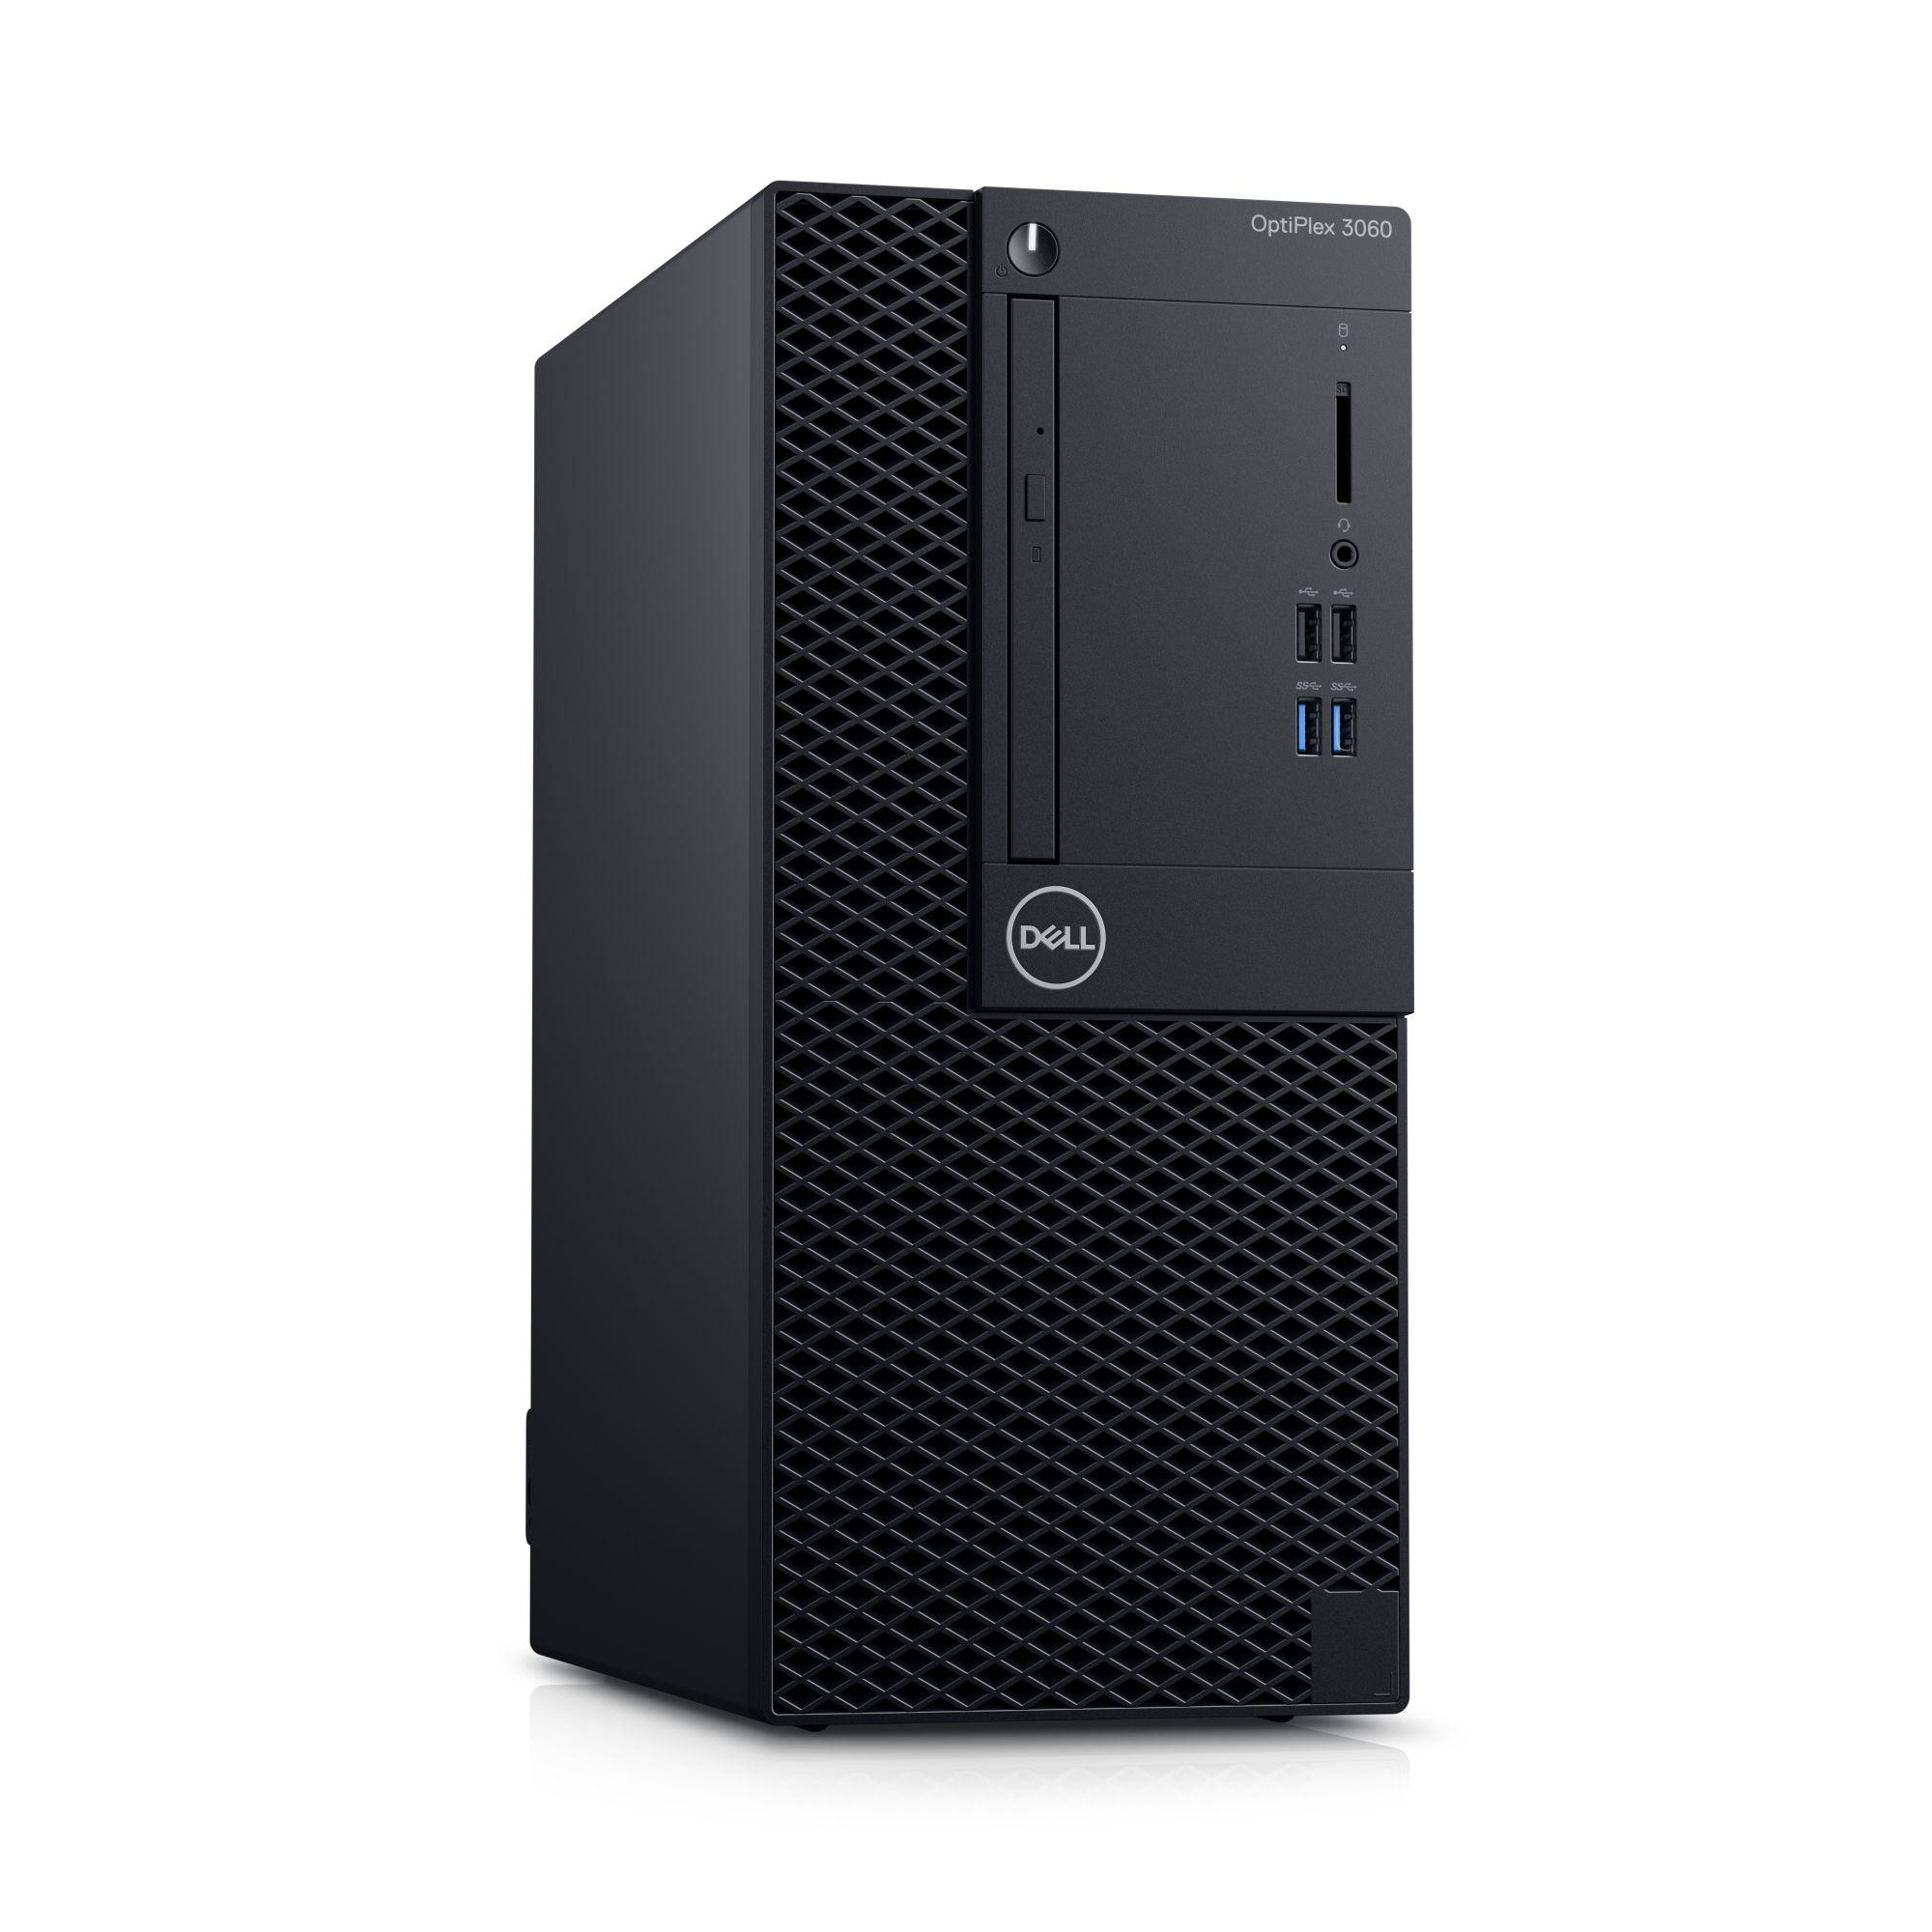 Dell PC Optiplex 3060 MT i5-8500/8GB/256GB SSD/HDMI/DP/DVD/W10P/3RNBD (3060-3381)